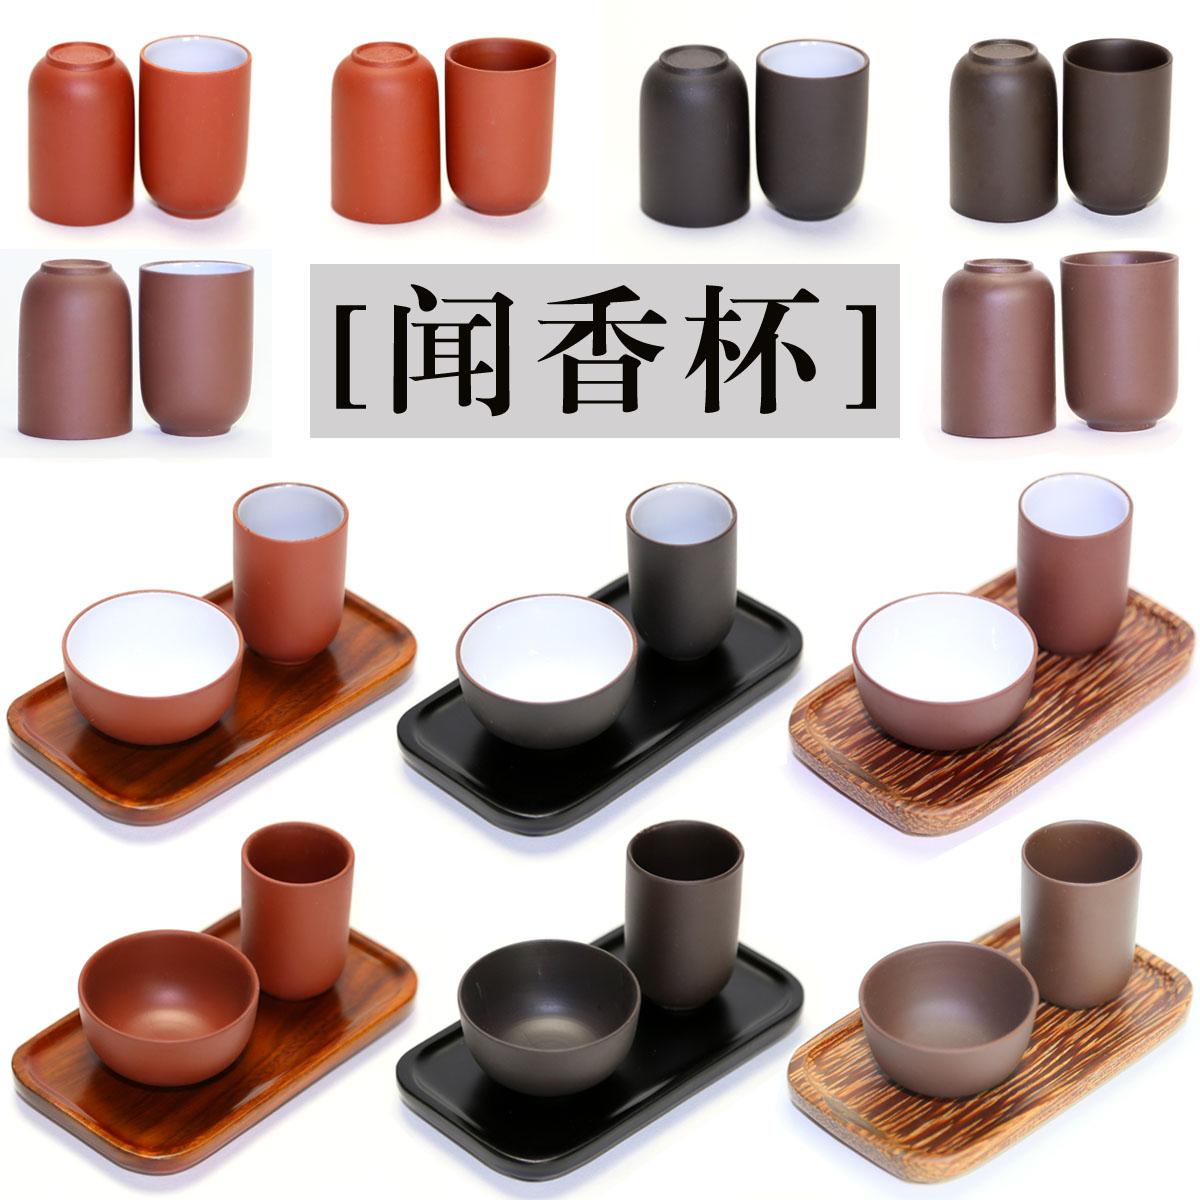 Запах ладан чашка / запах ладан чашка статья чайный куст чашка / фиолетовый запах ладан чашка / запах ладан чашка керамика / запах ладан кубок костюм белый